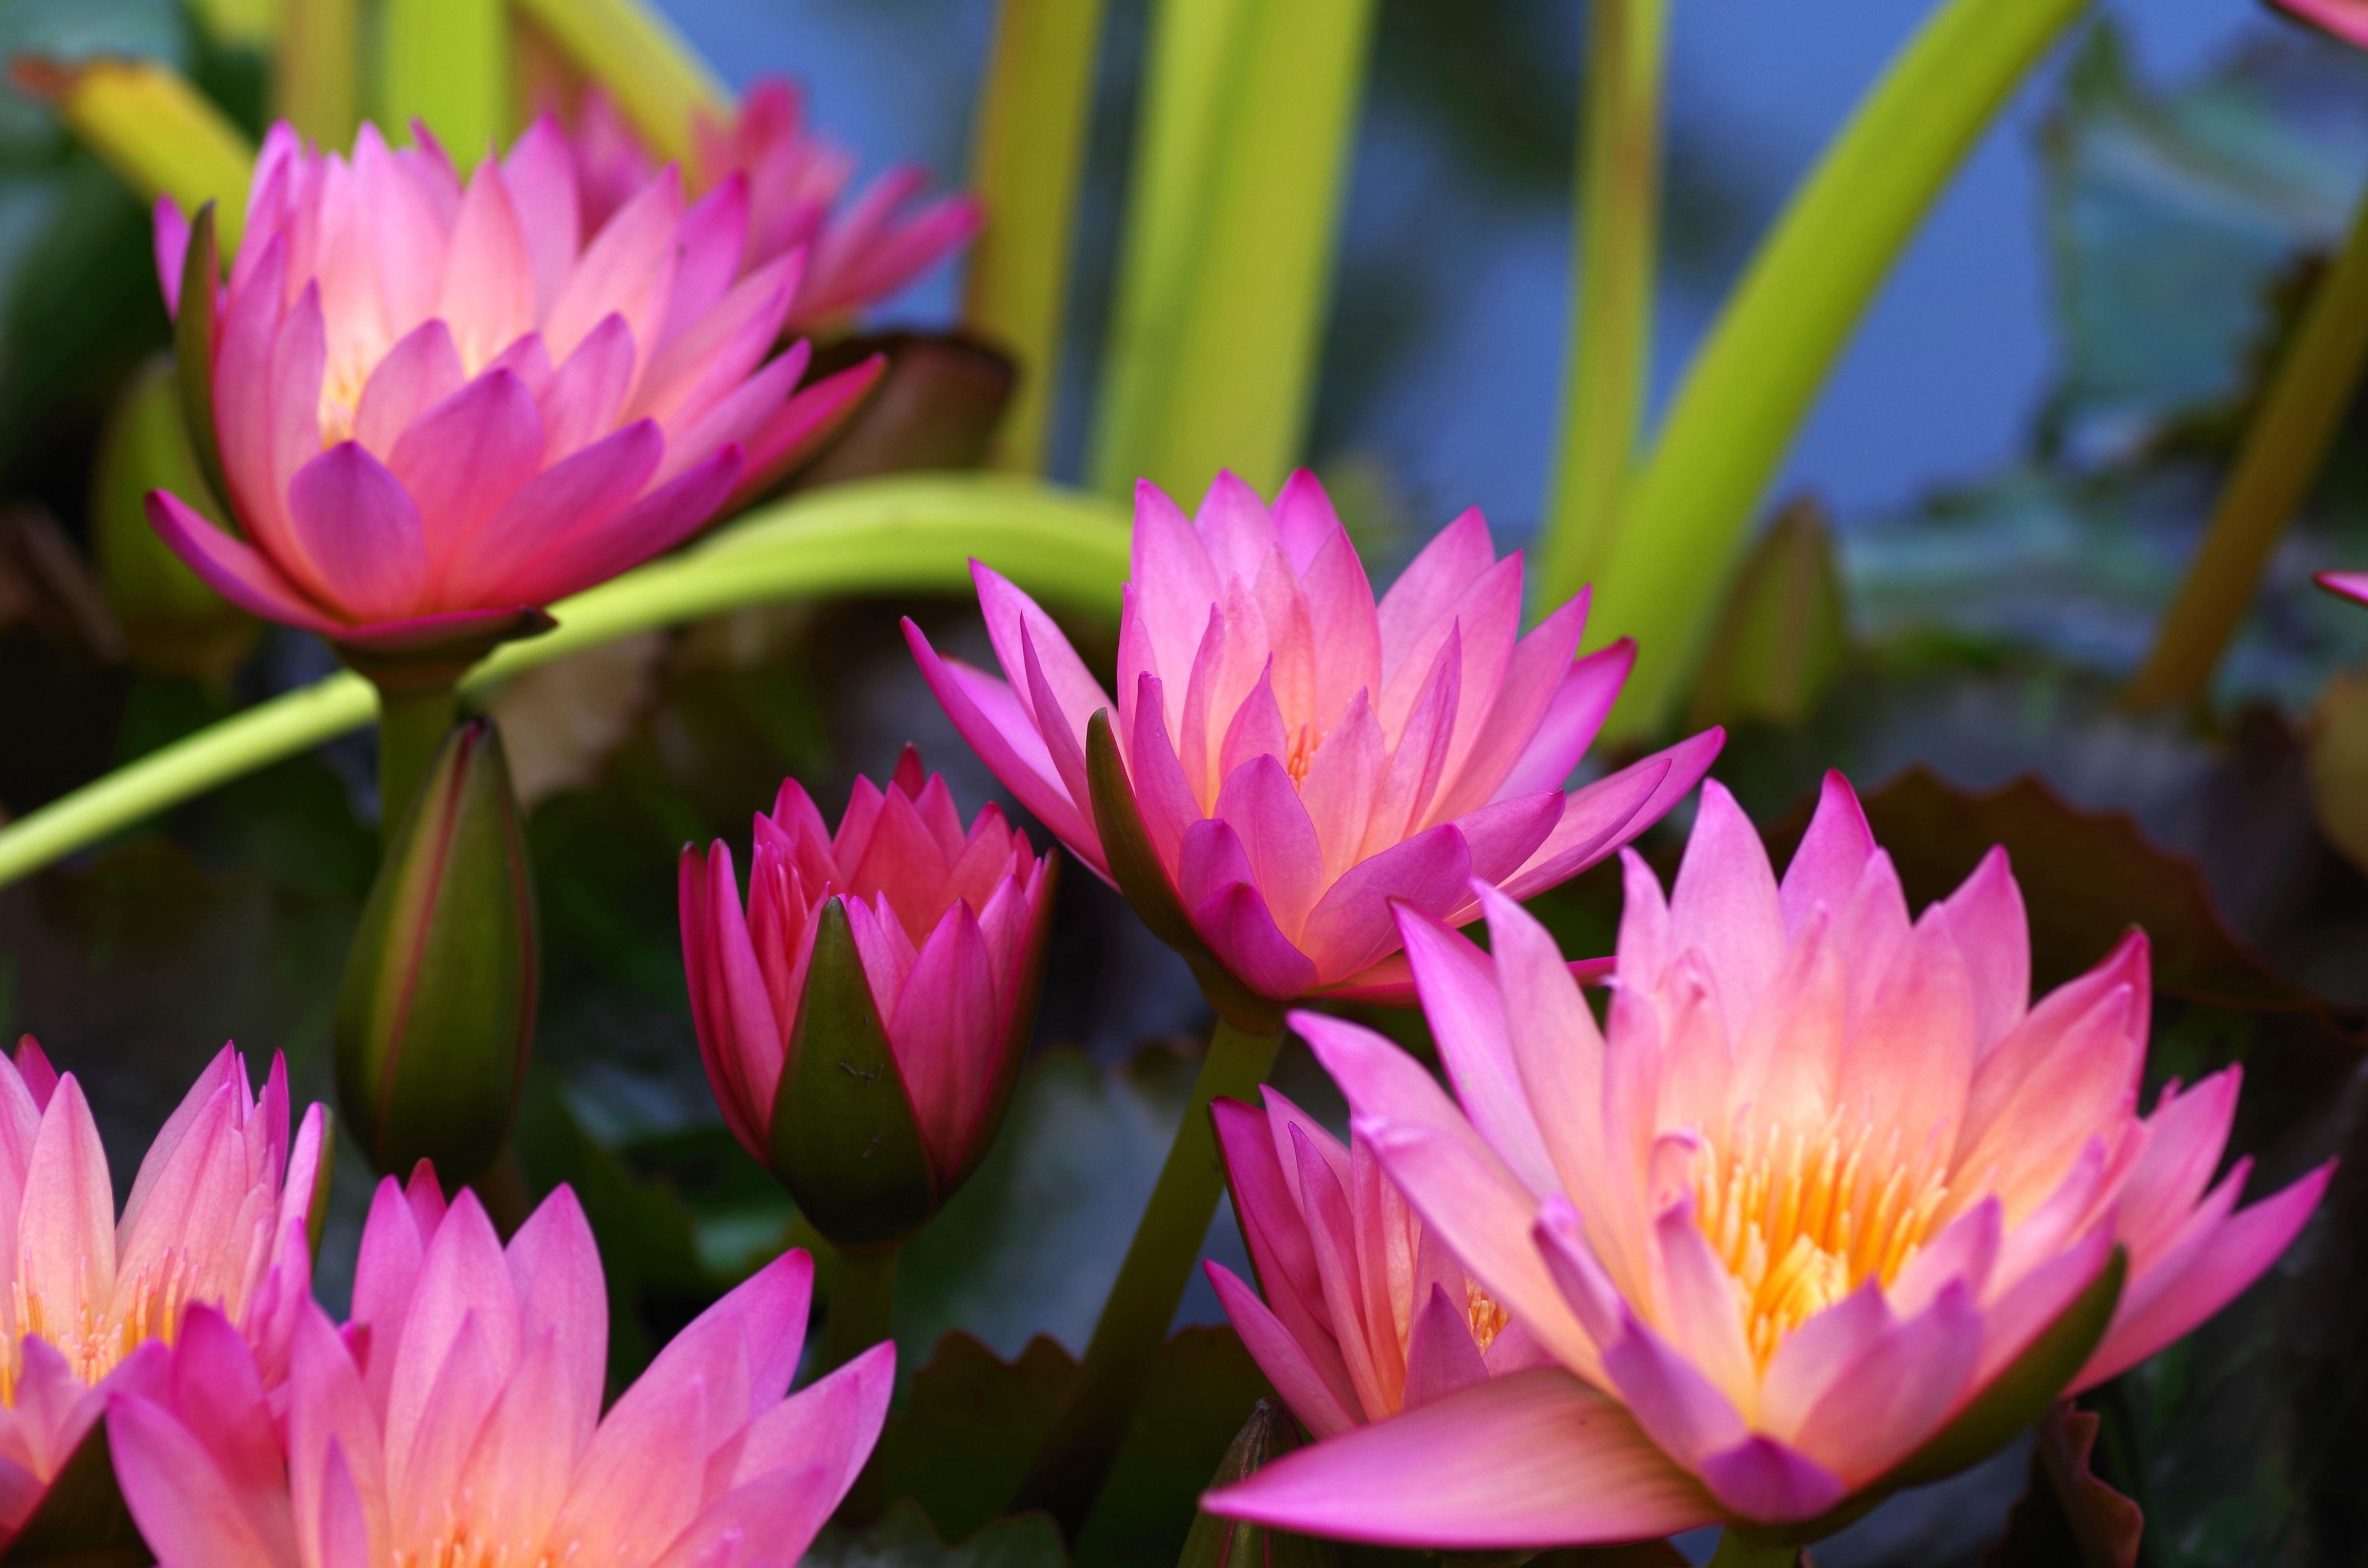 Free Images Nature Blossom Flower Petal Bloom Pond Botany